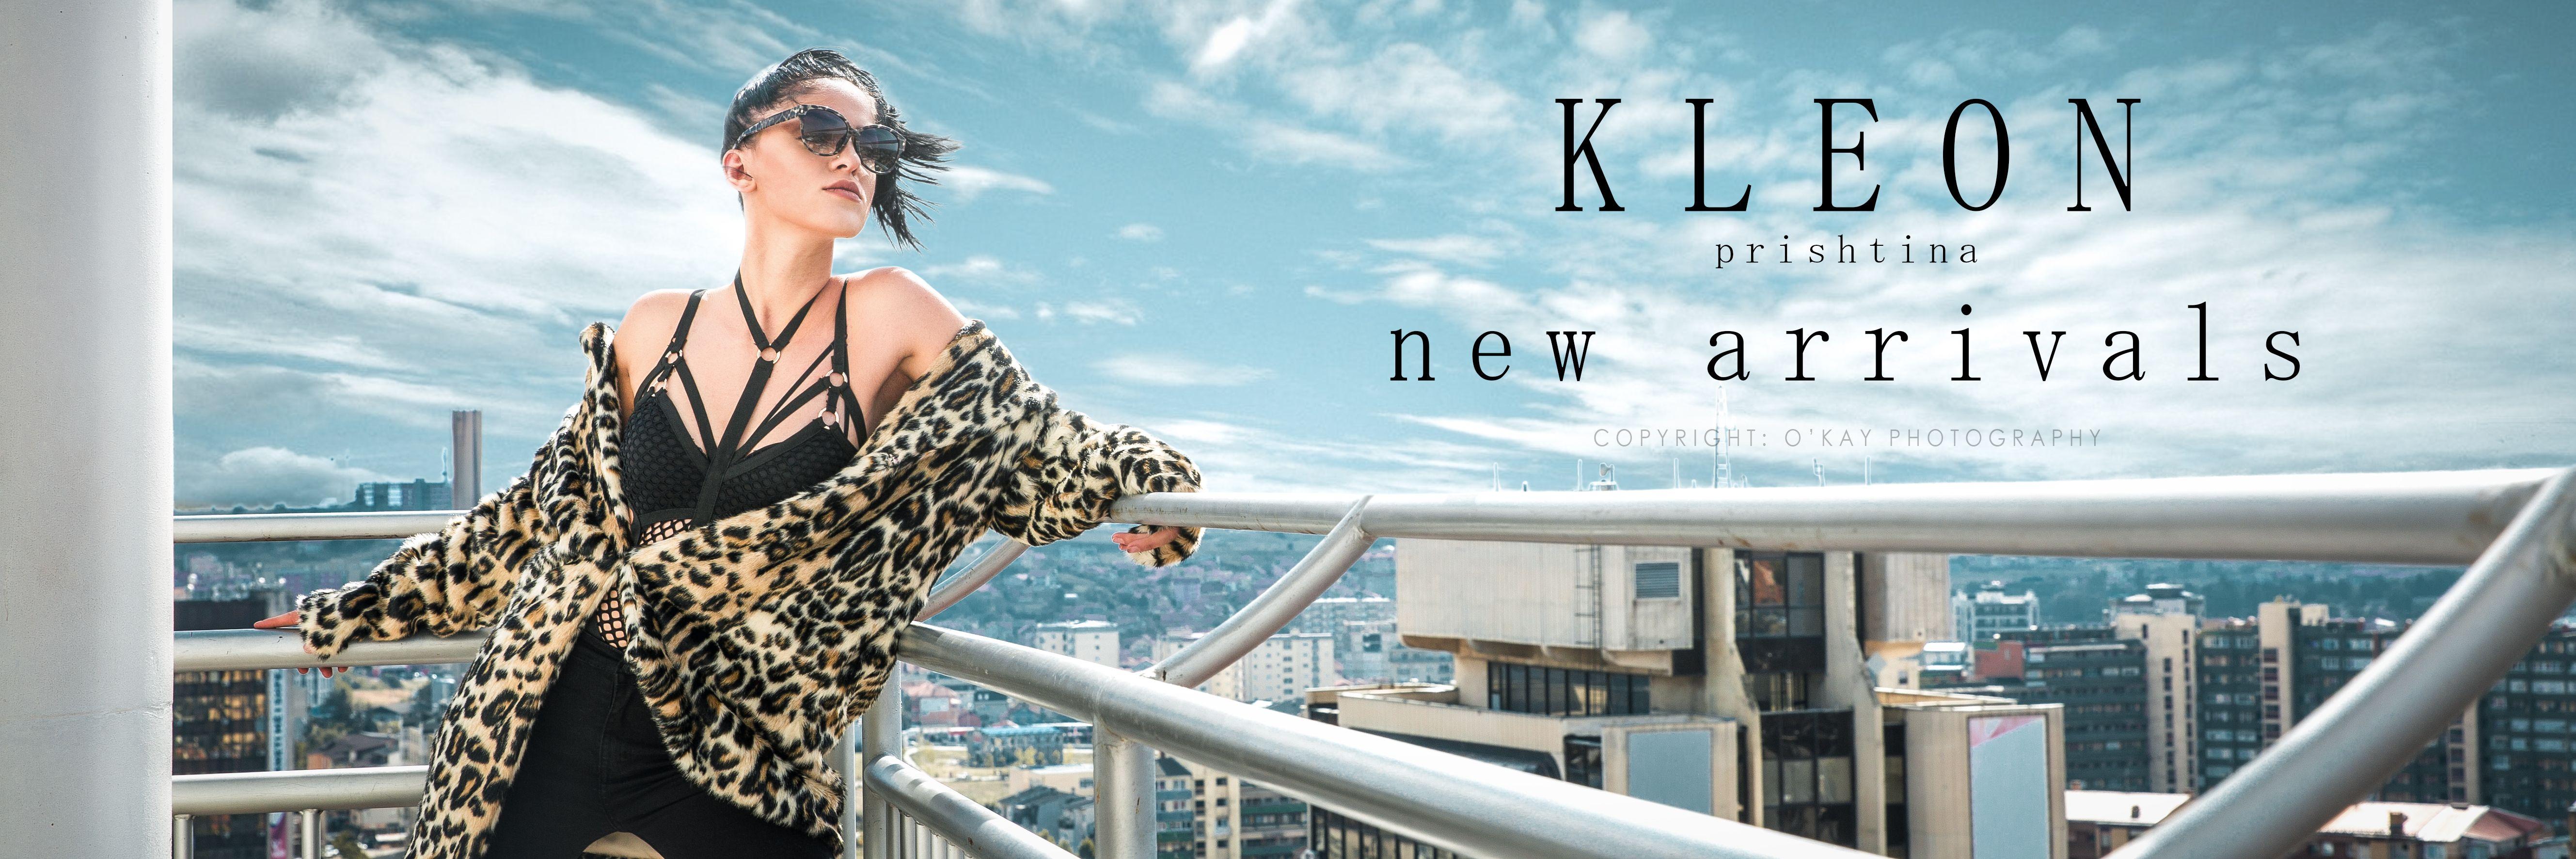 Fashion banner (new arrivals) for KLEON Fashion Prishtina. #fashion ...